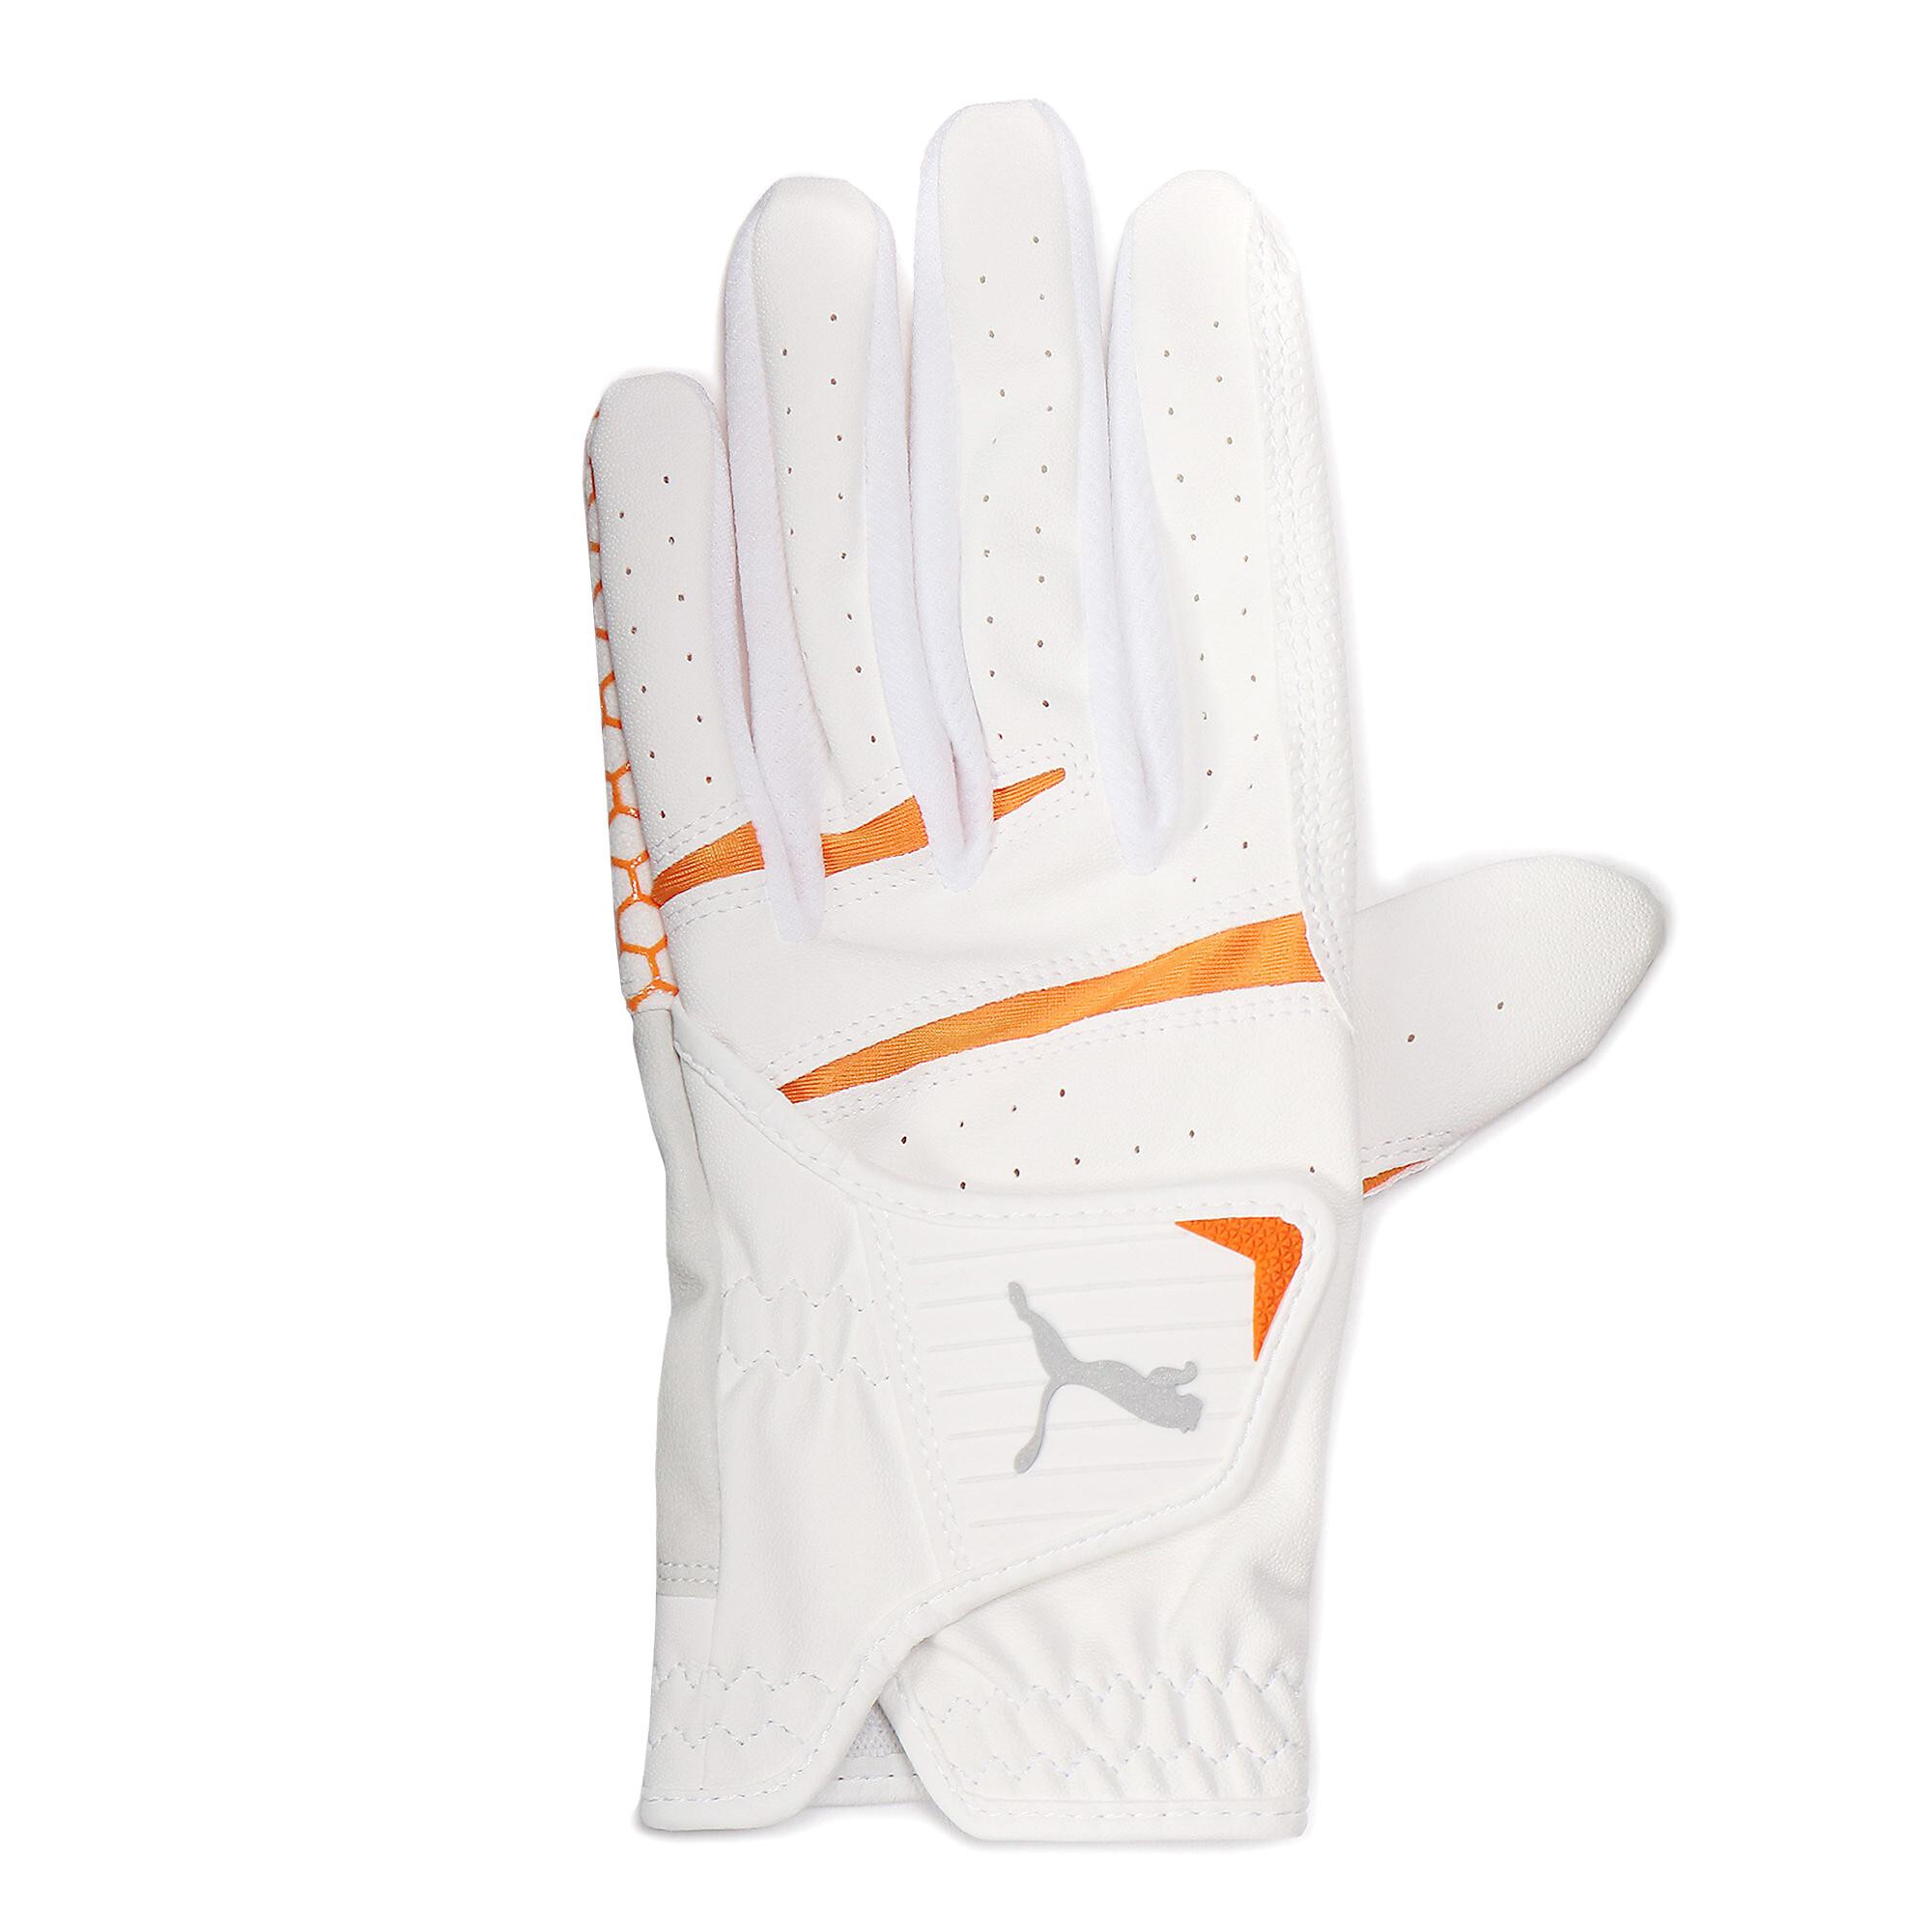 【プーマ公式通販】 プーマ ゴルフ HEXA グリップ グローブ 左手用 メンズ BRIGHT WHITE-VIBRANT ORANGE |PUMA.com